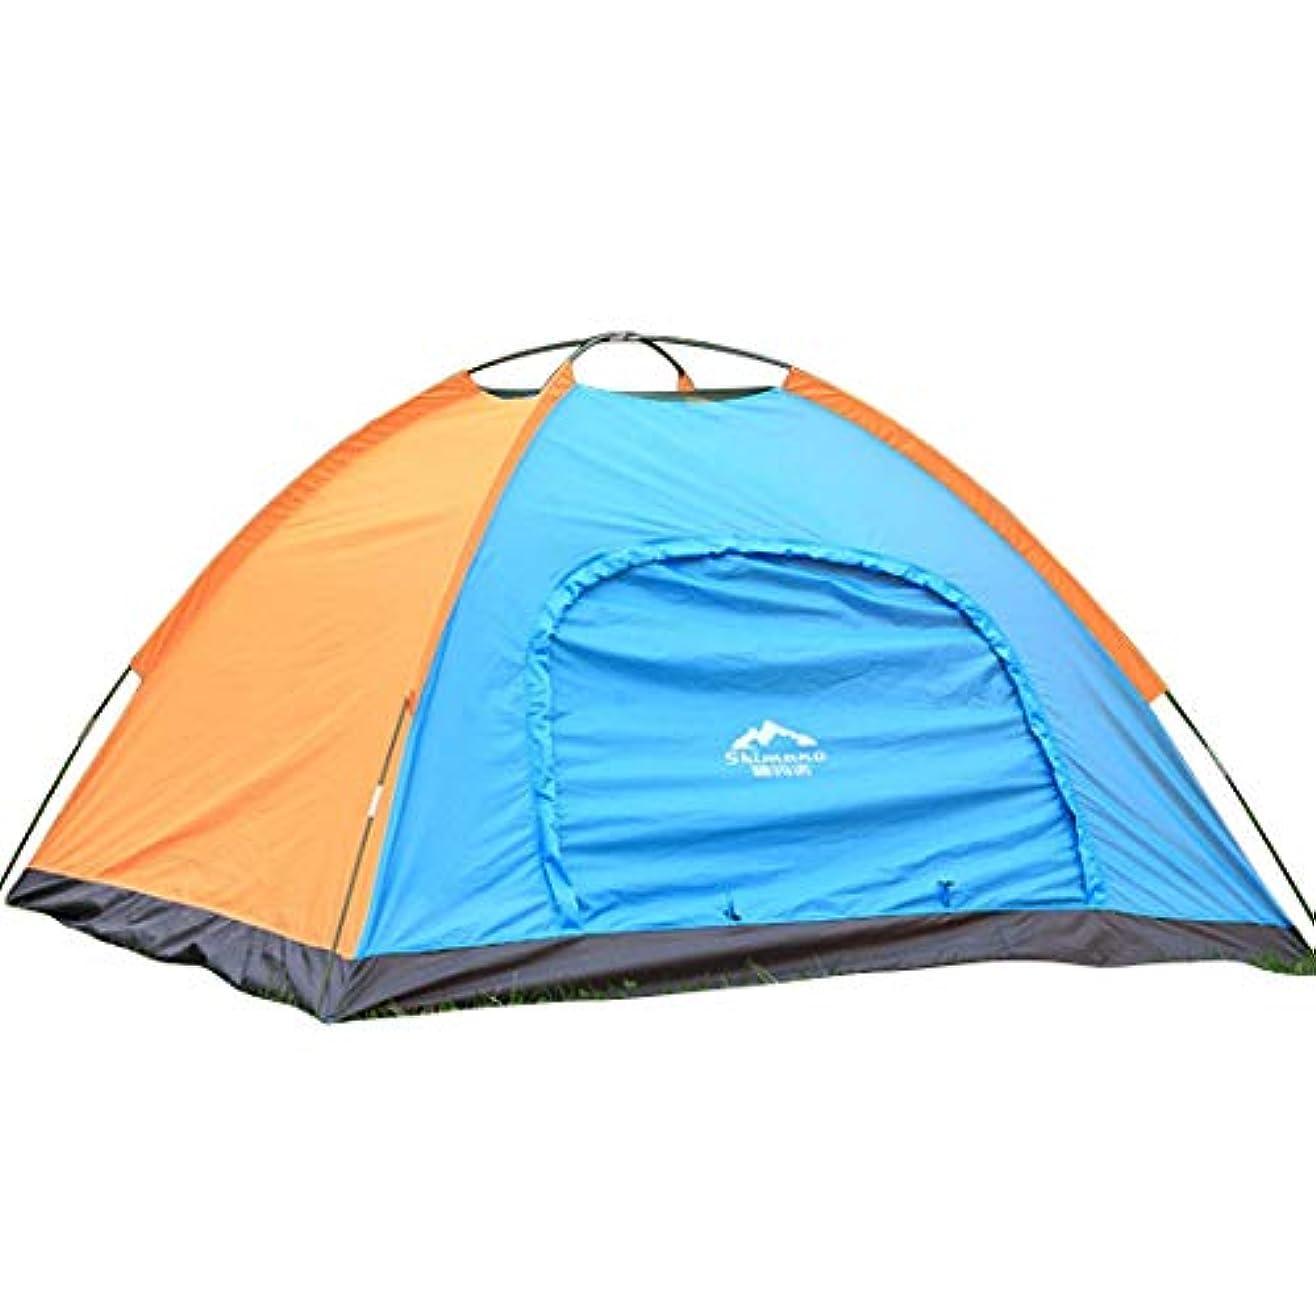 シーボード開梱信条方朝日スポーツ用品店 屋外または家族のキャンプ旅行に適したテレスコピックテント。 (サイズ : 3-4P)